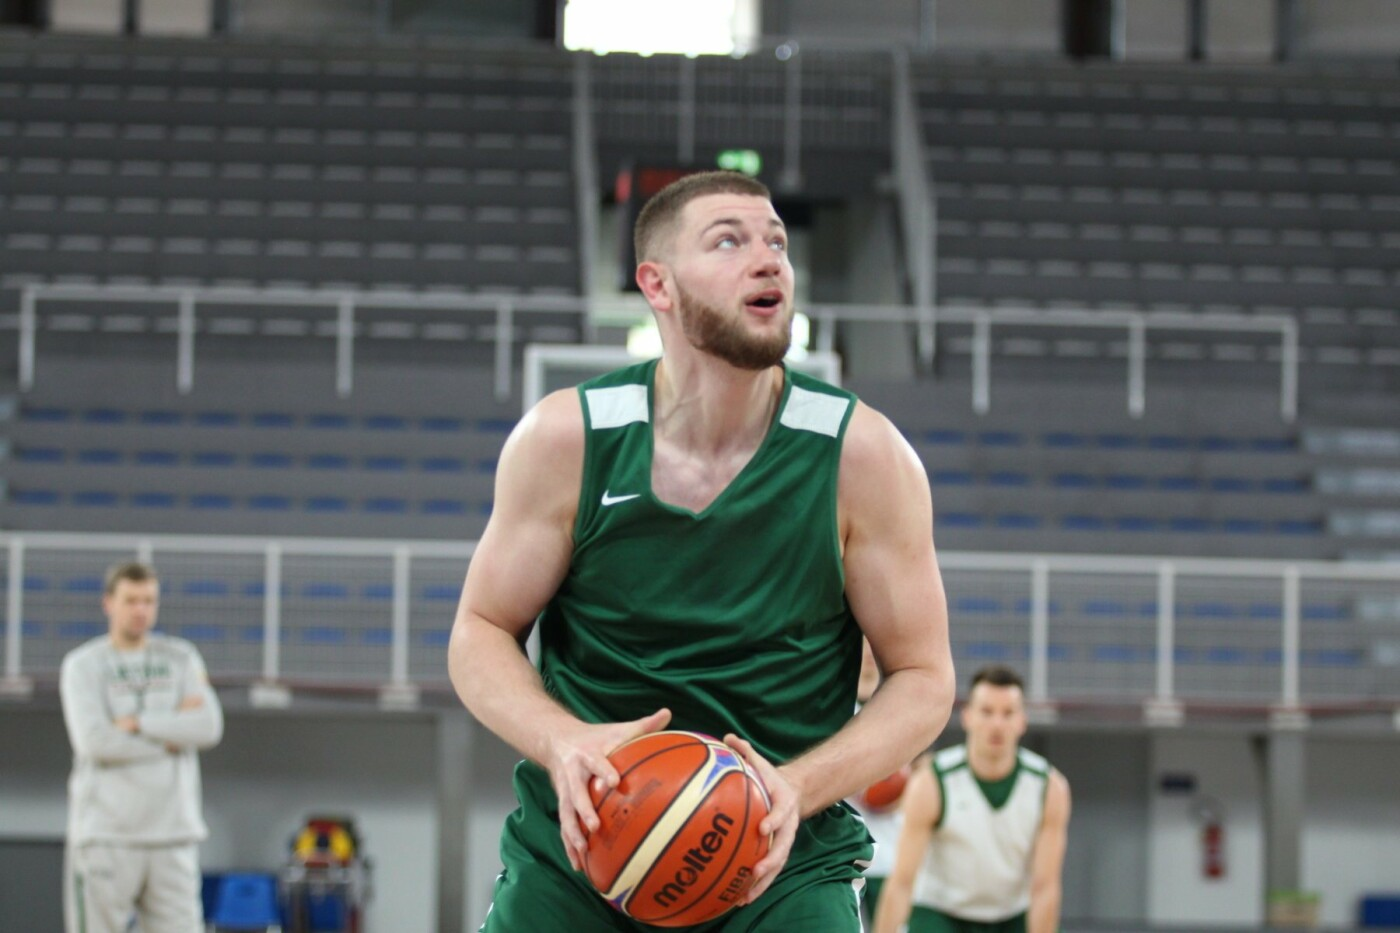 Lietuvos vyrų krepšinio rinktinė surengė vienintelę treniruotę Italijoje, nuotrauka-10